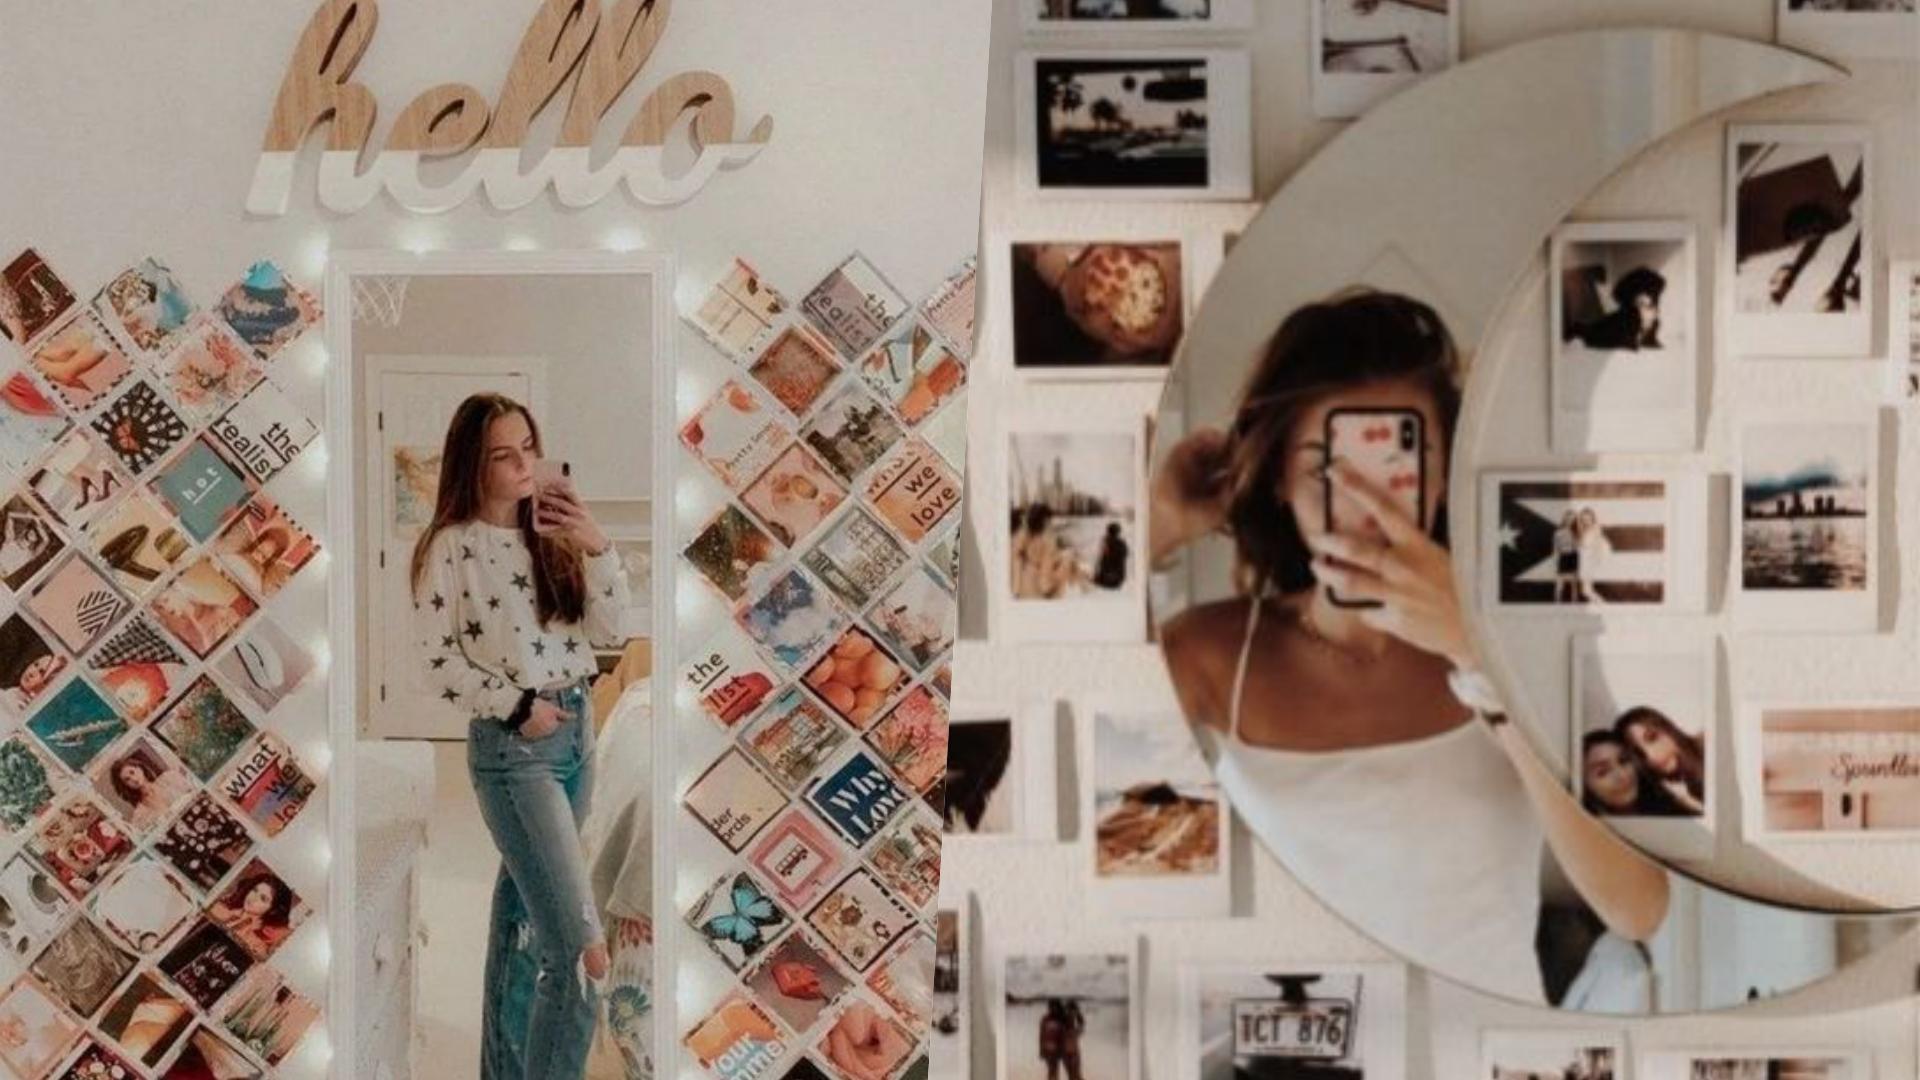 鏡子搭配照片牆,美到讓你捨不得出門了!